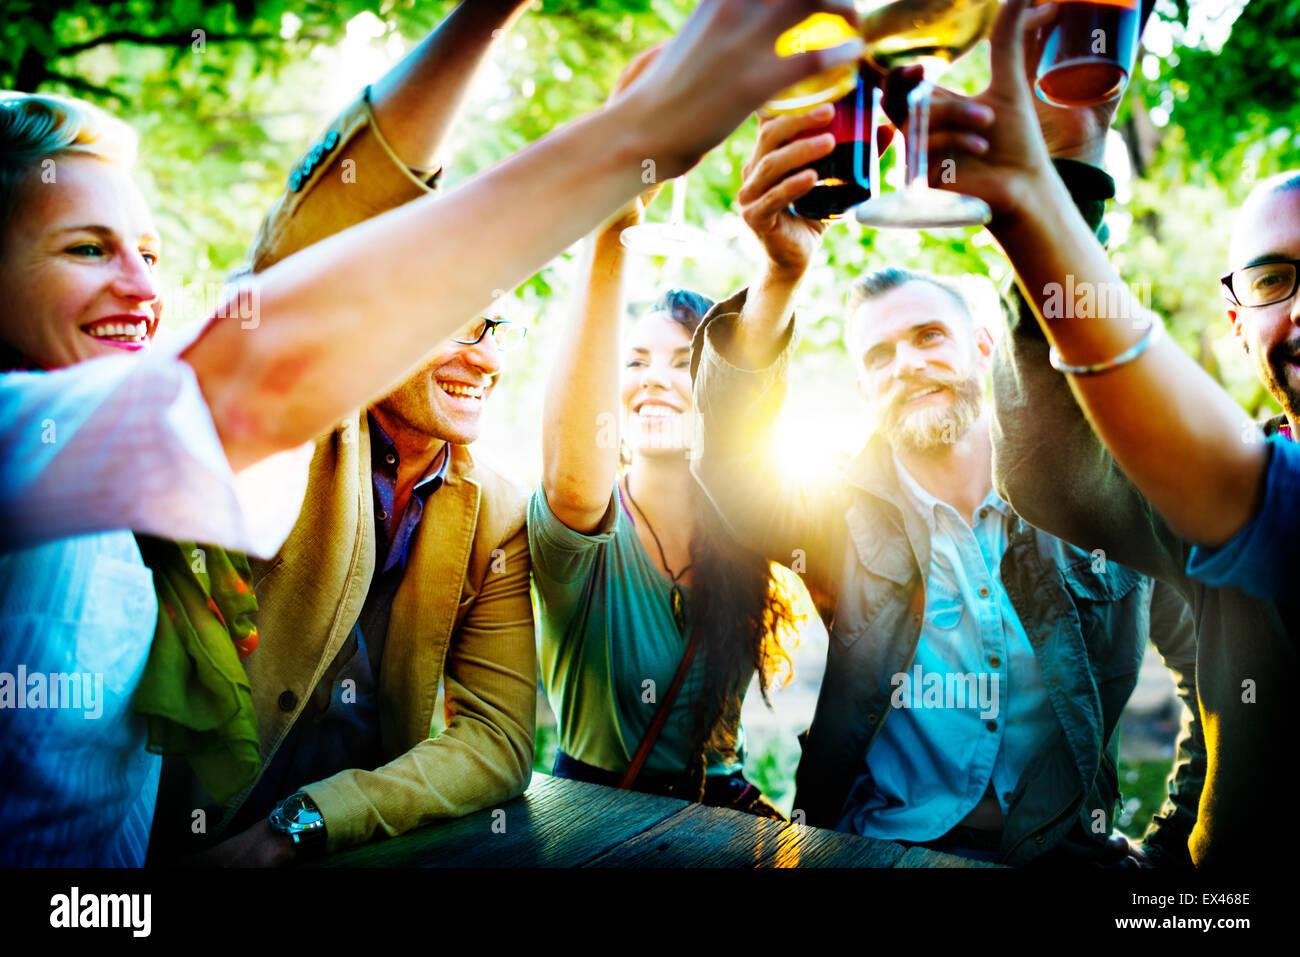 Amigos del Partido celebración al aire libre Concepto felicidad Imagen De Stock